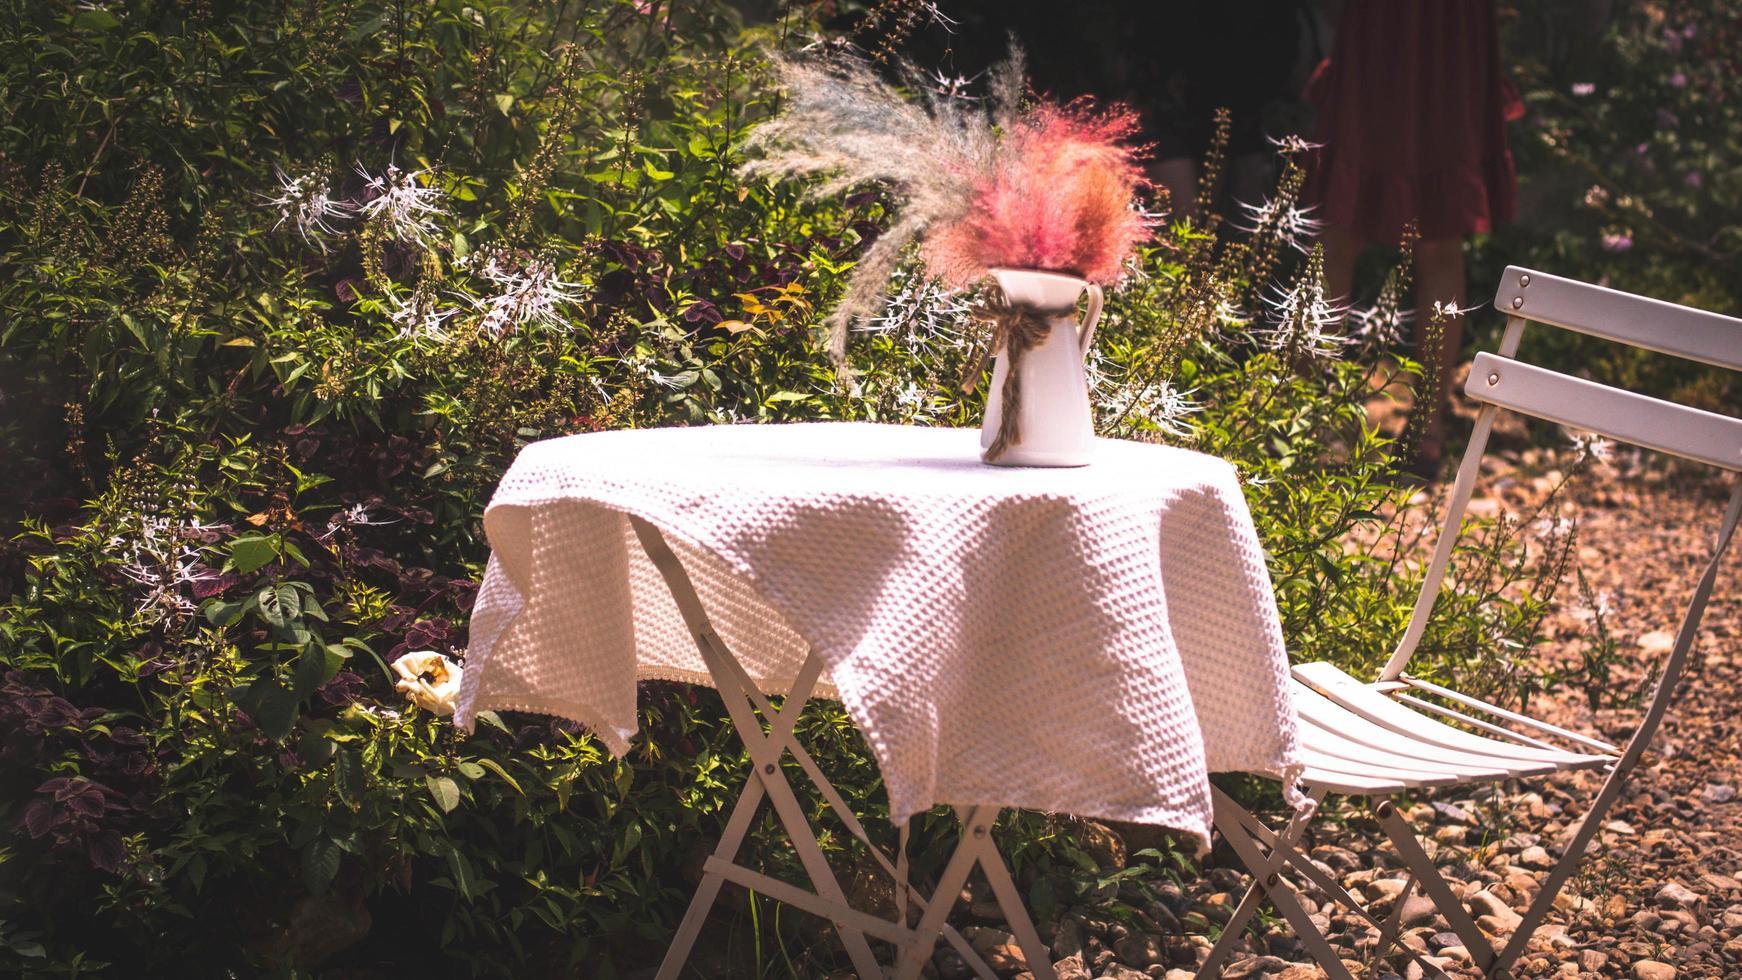 bord för ett trädgårdsfest eller fest utanför foto